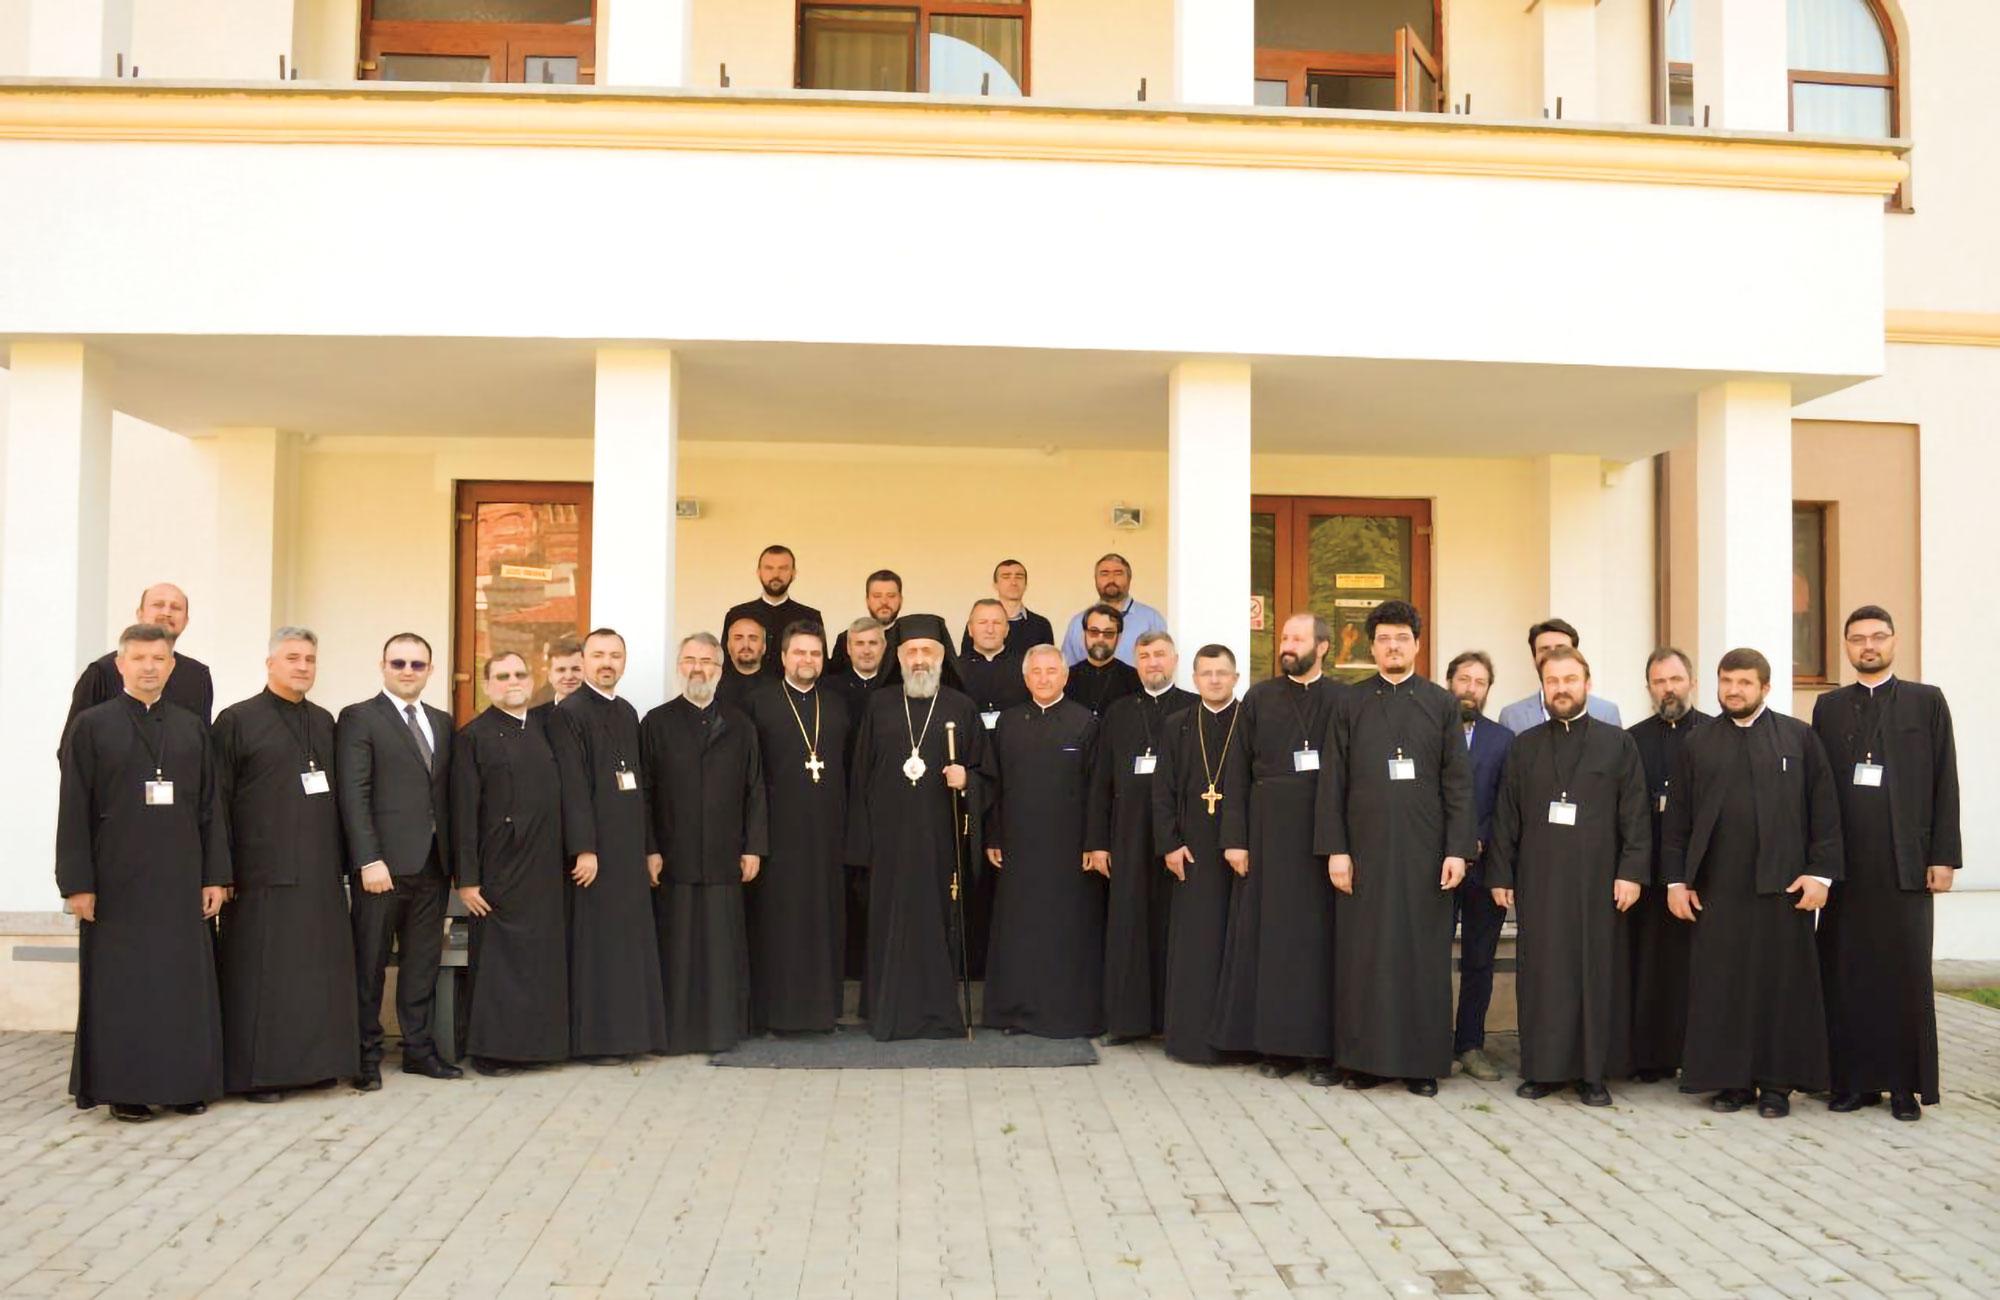 Întâlnirea anuală a Societății Bibliștilor Ortodocși Români la Alba Iulia